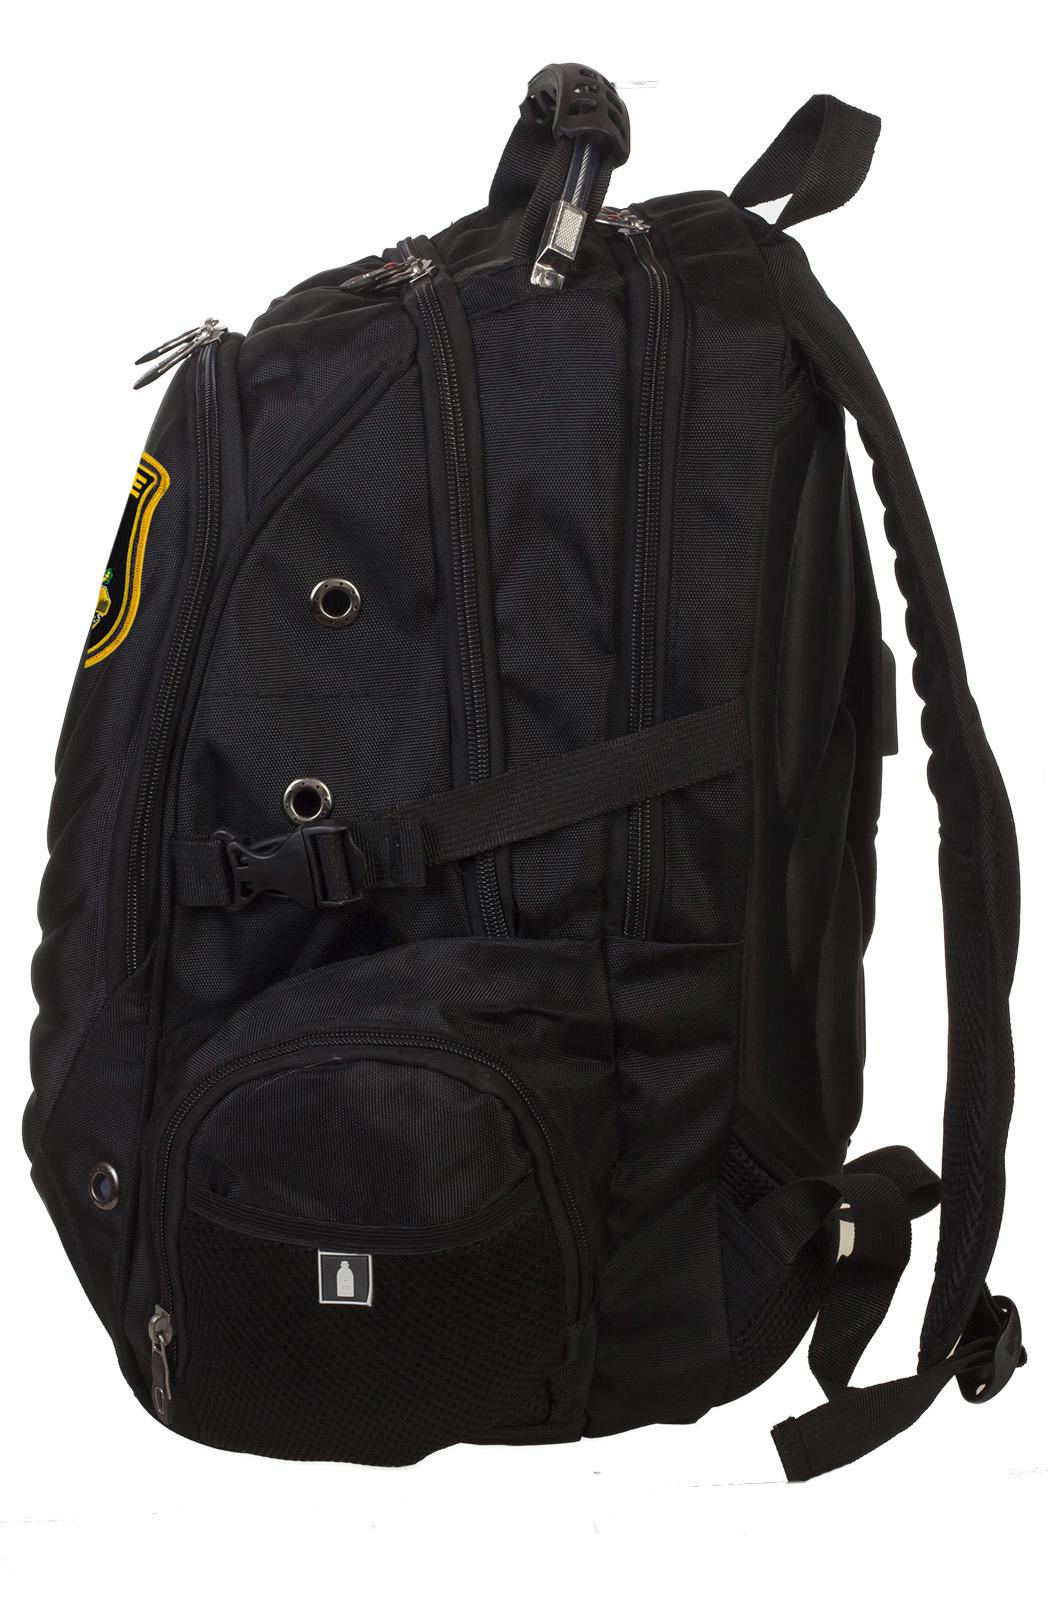 Практичный рюкзак с нашивкой Танковых войск купить в розницу